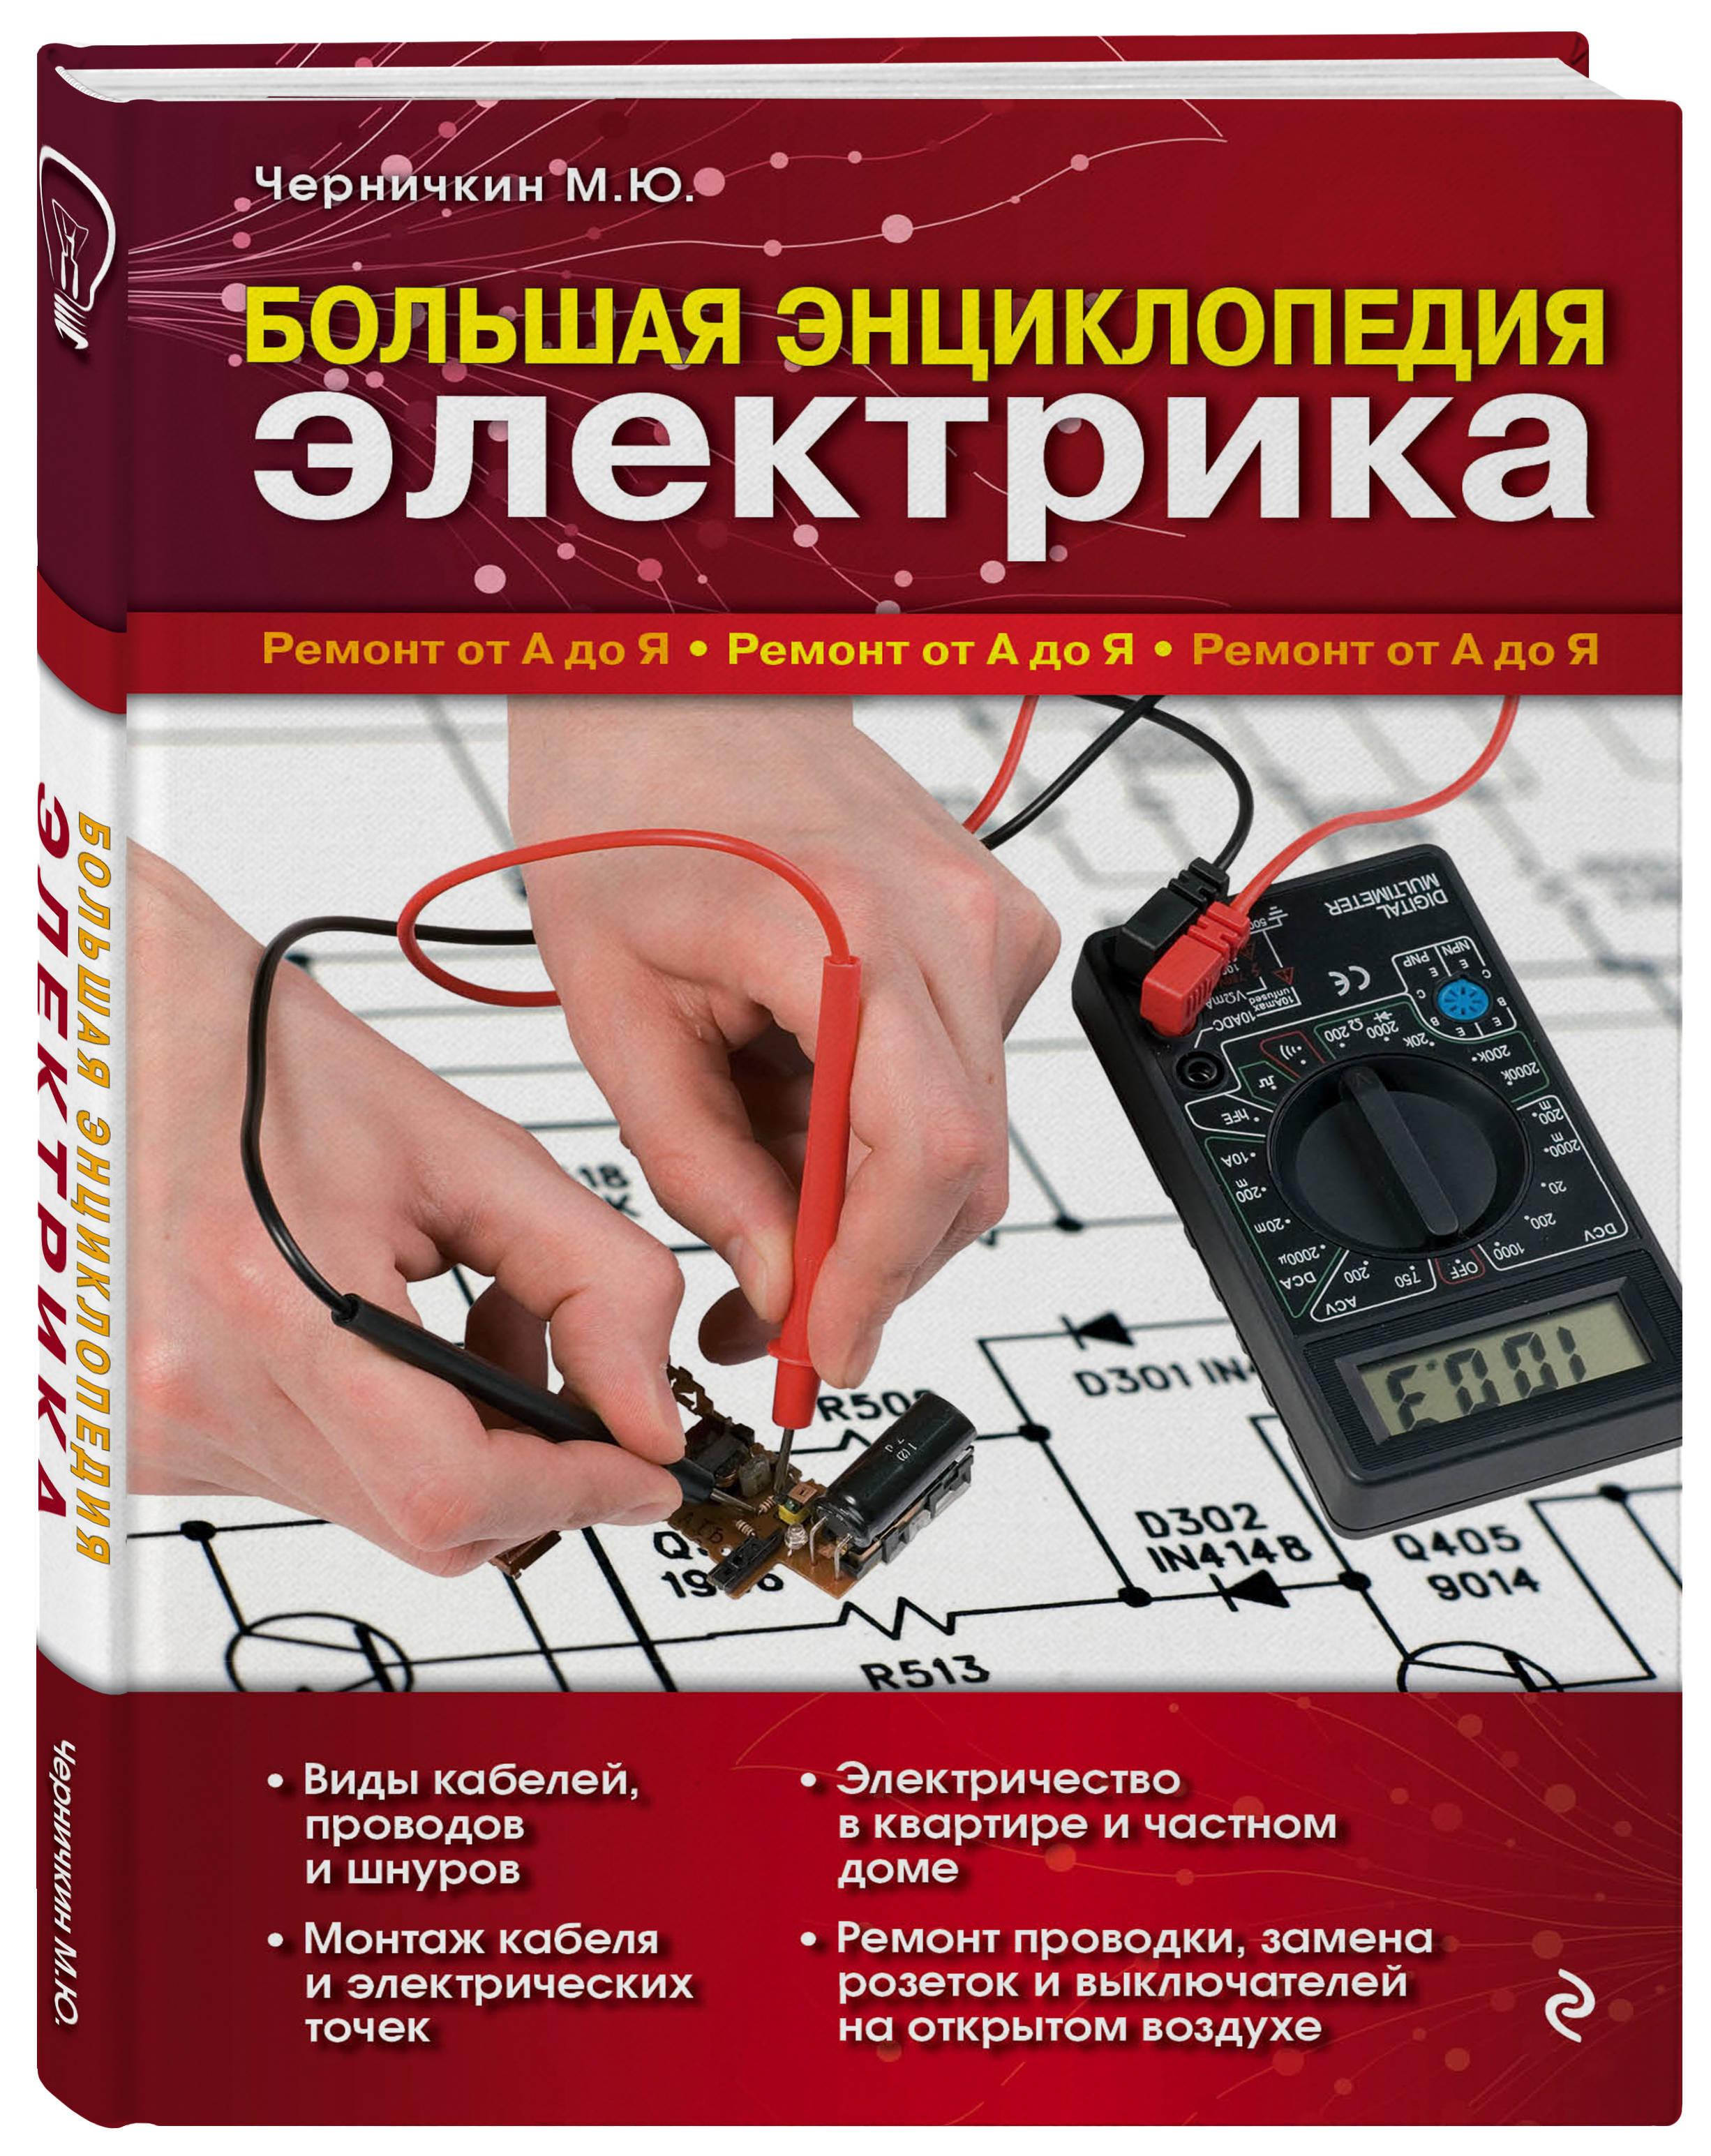 Купить со скидкой Большая энциклопедия электрика